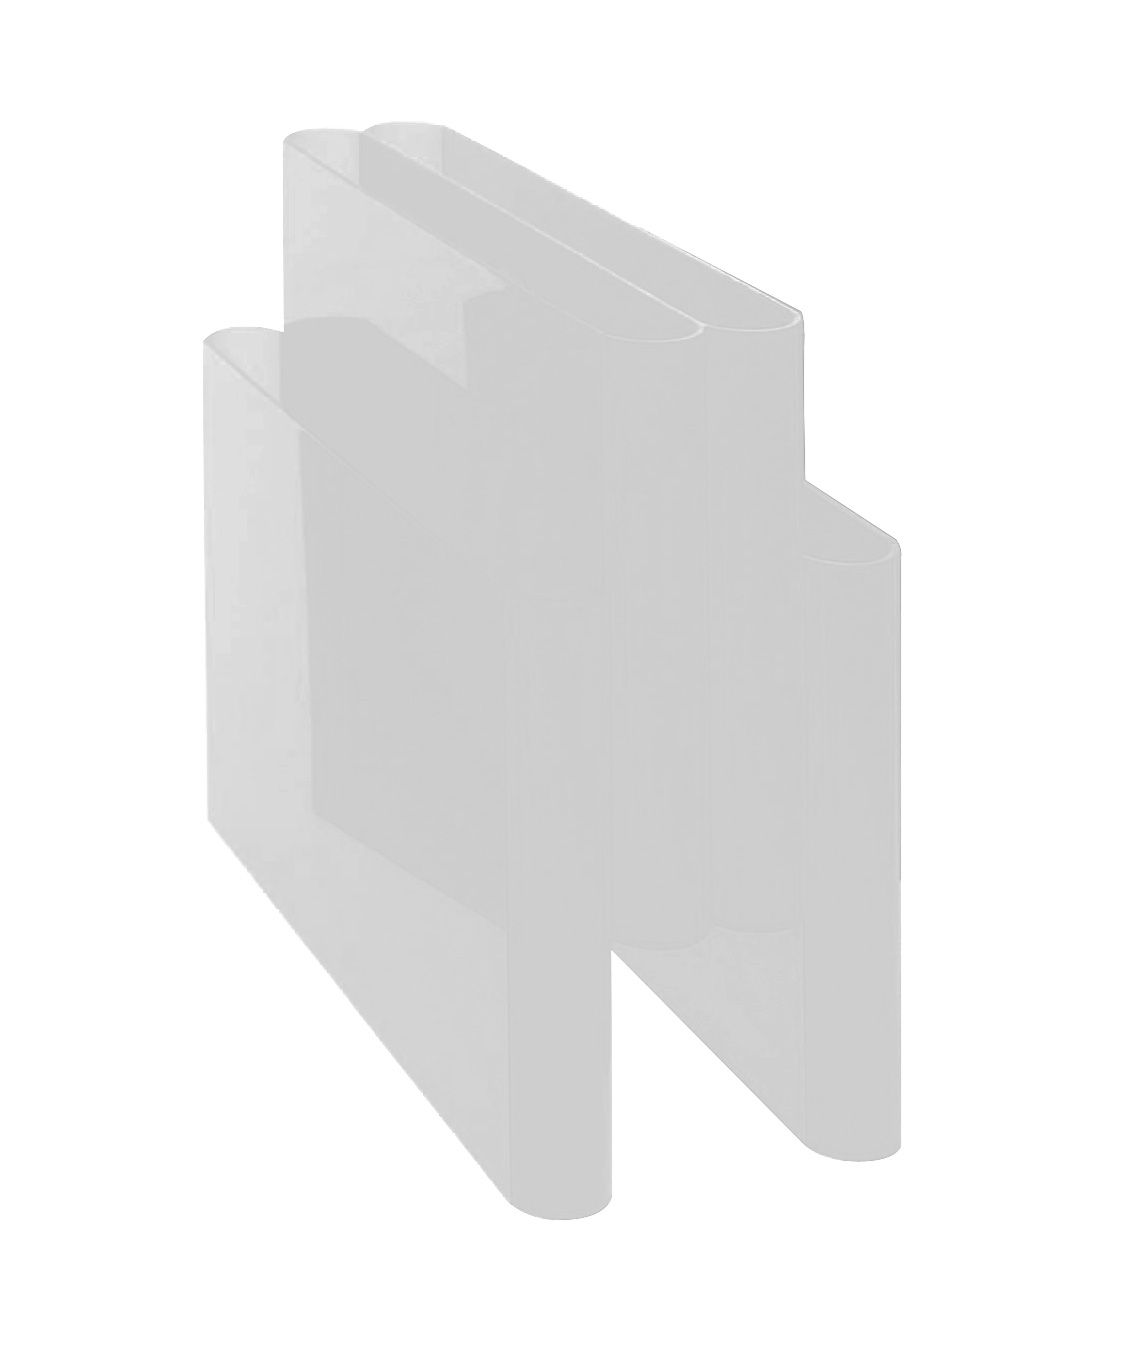 Interni - Contenitori e Cesti - Portariviste di Kartell - Trasparente - PMMA